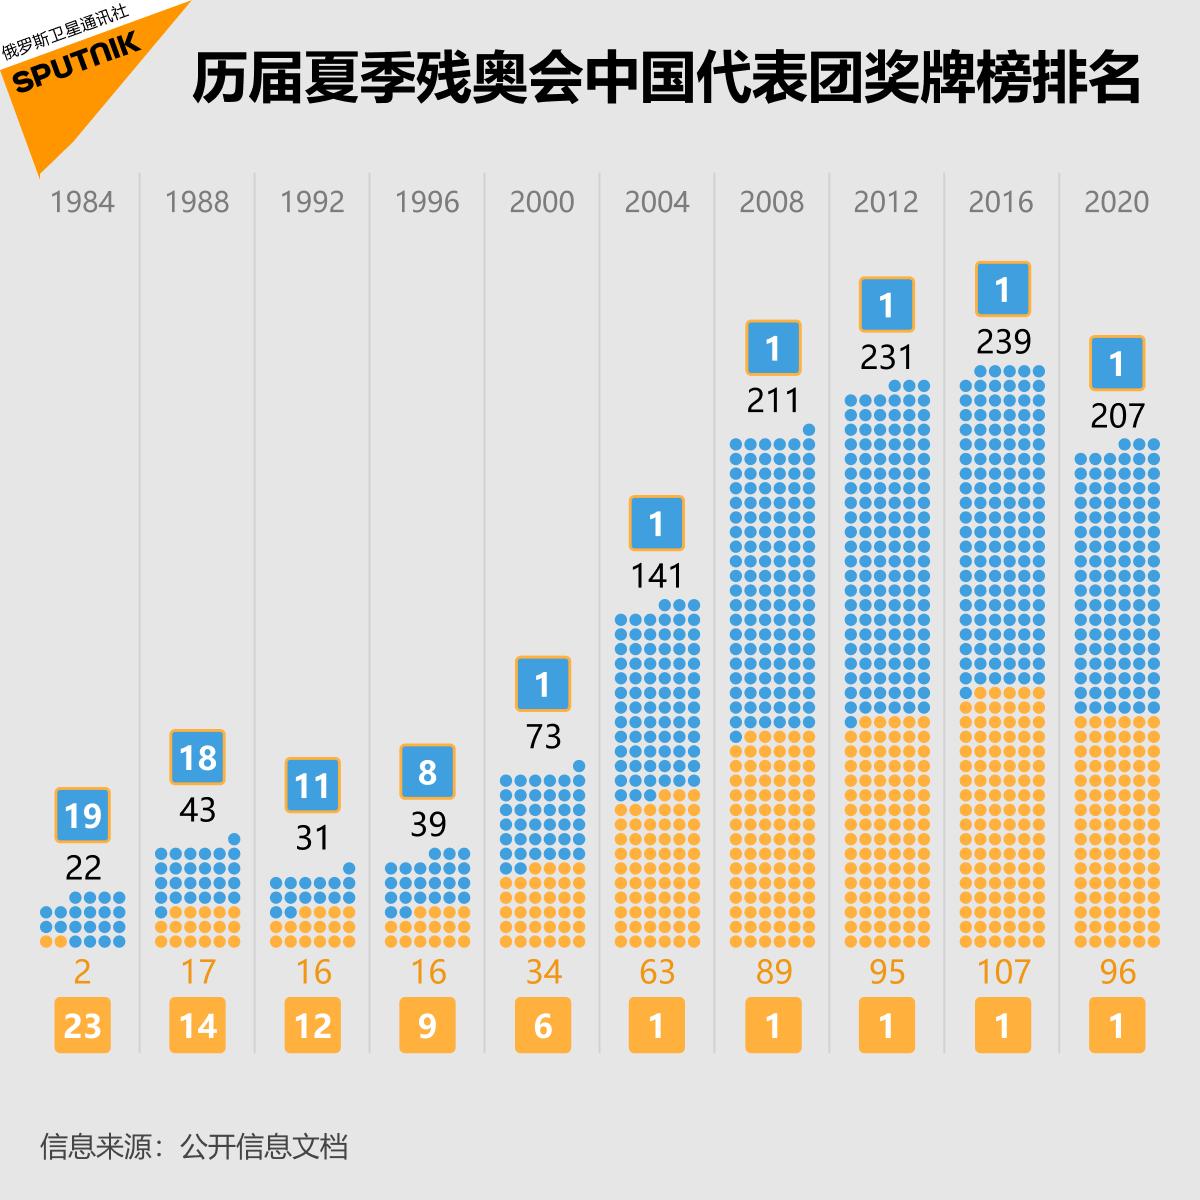 历届夏季残奥会中国代表团奖牌榜排名